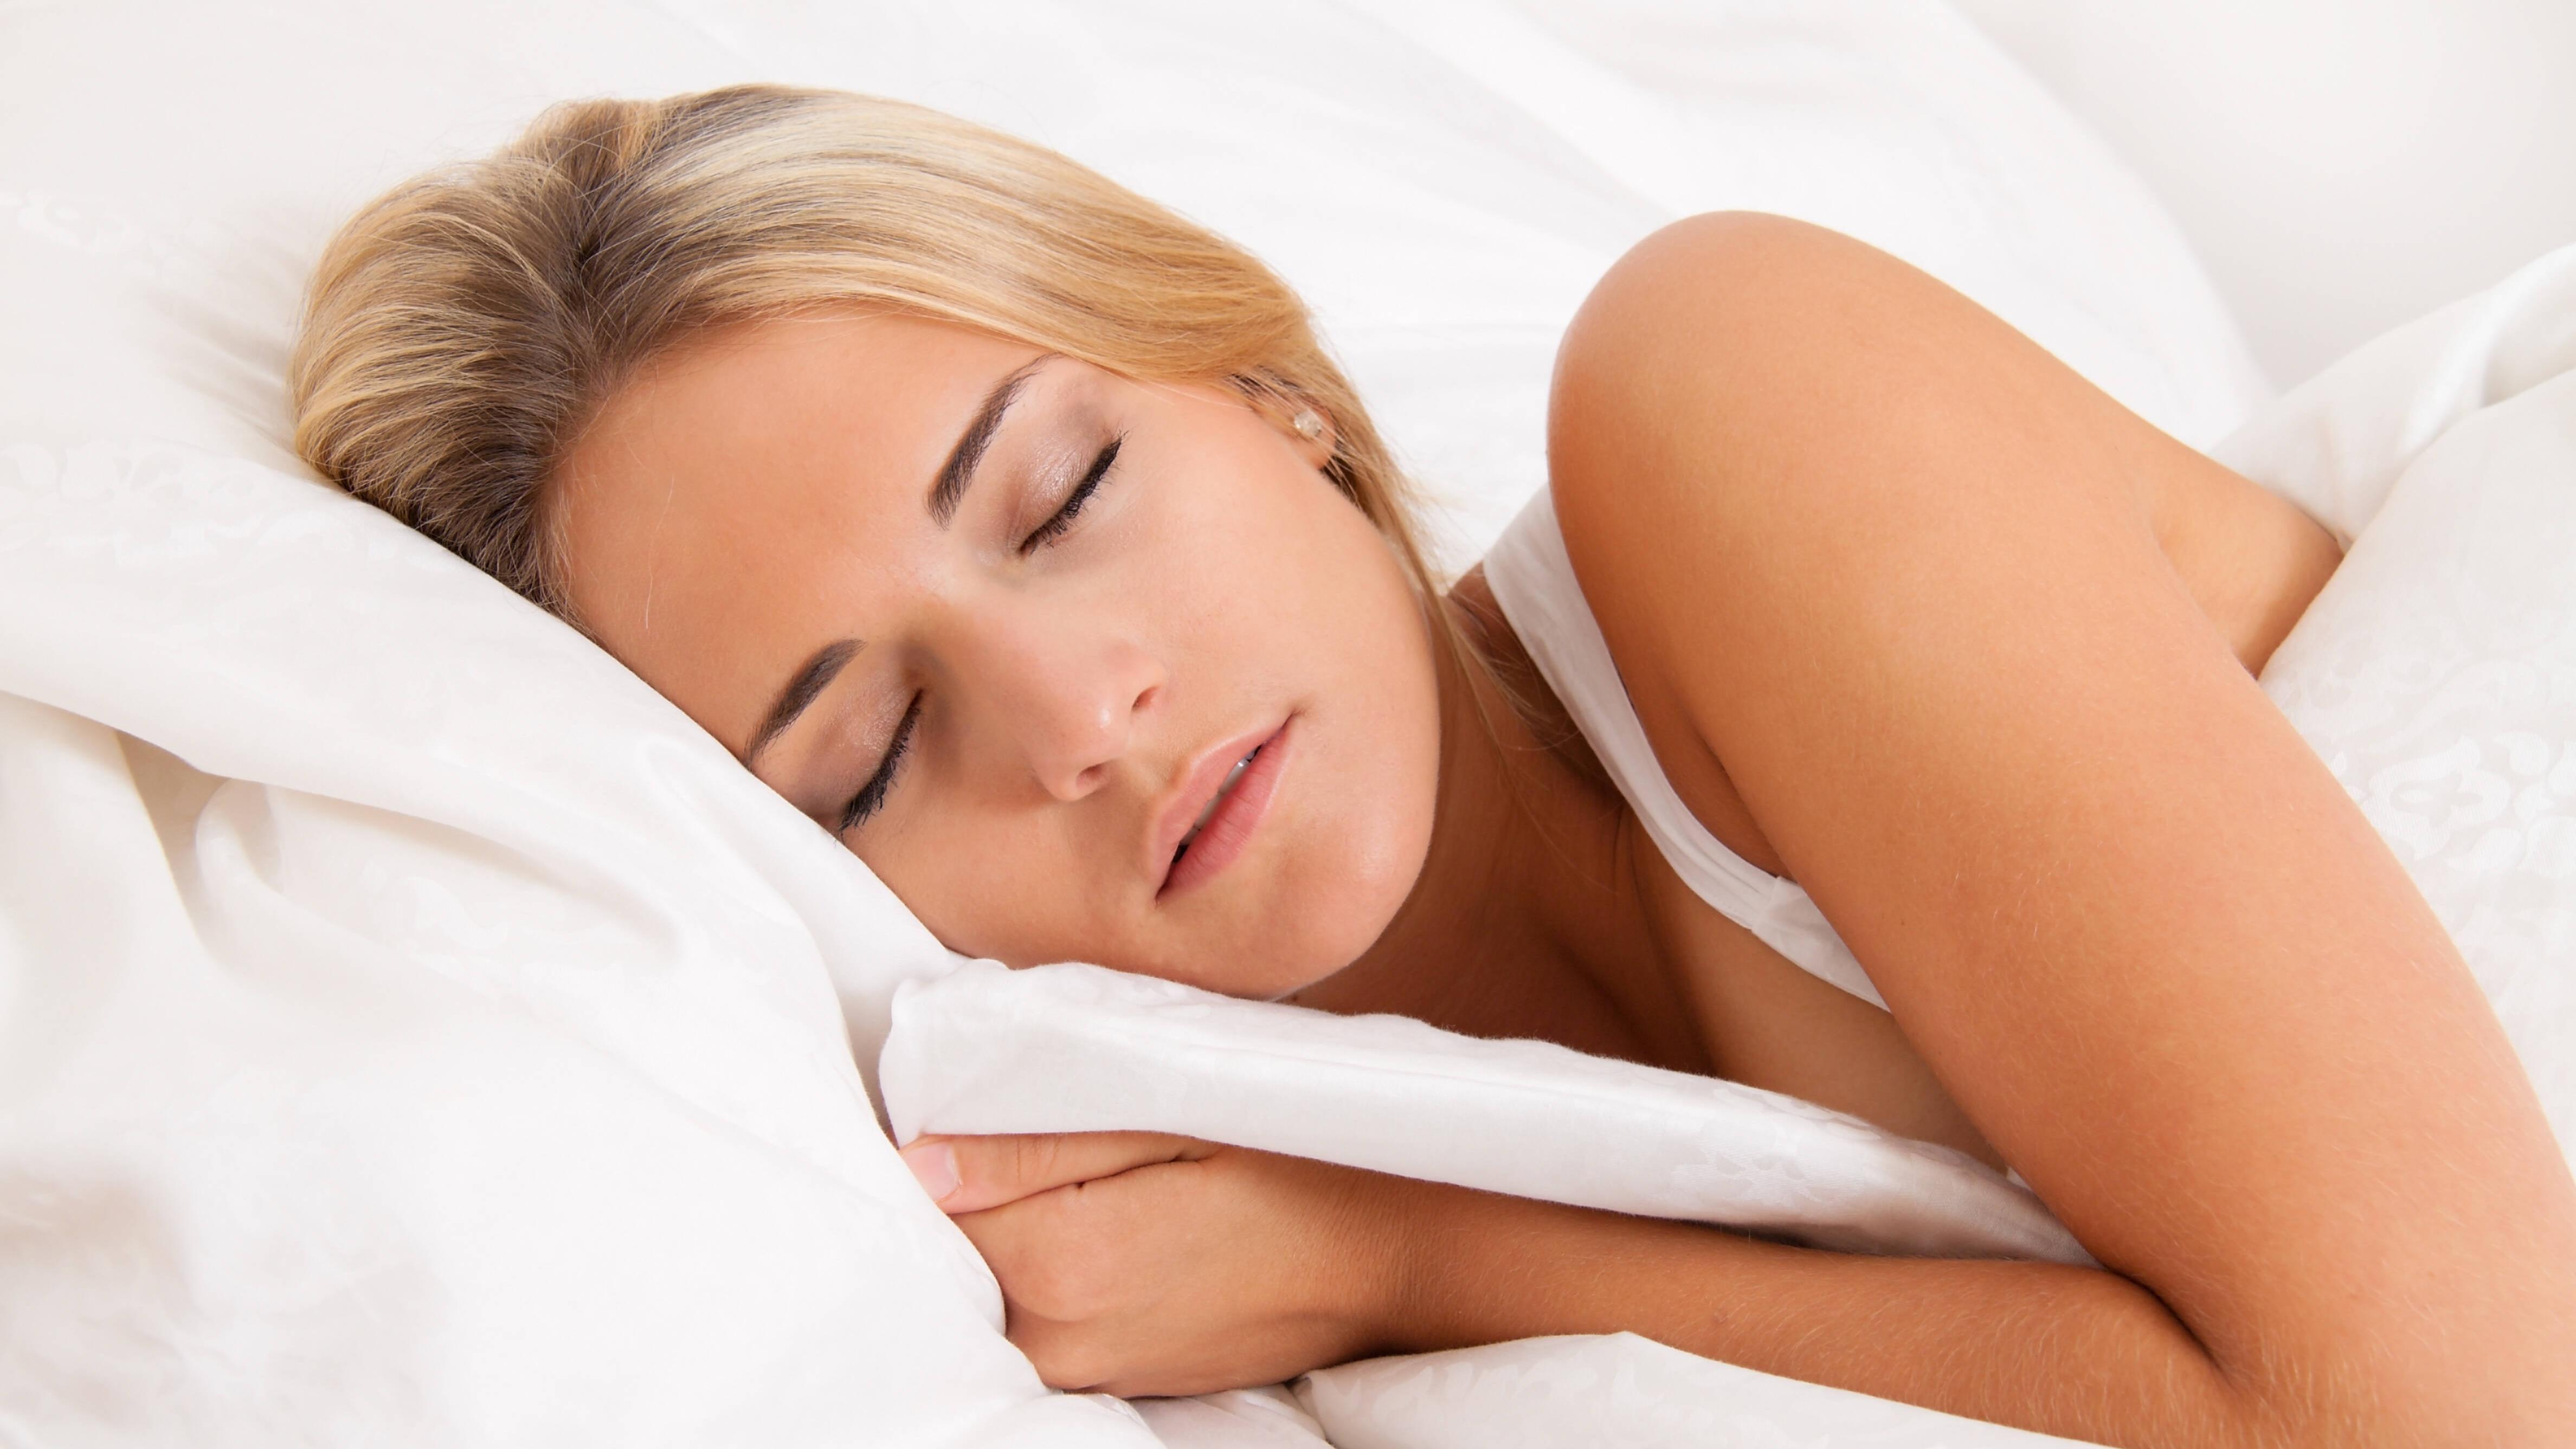 Wie Sie Ihren Lattenrost einstellen, ist entscheidend für erholsamen Schlaf ohne Schmerzen.